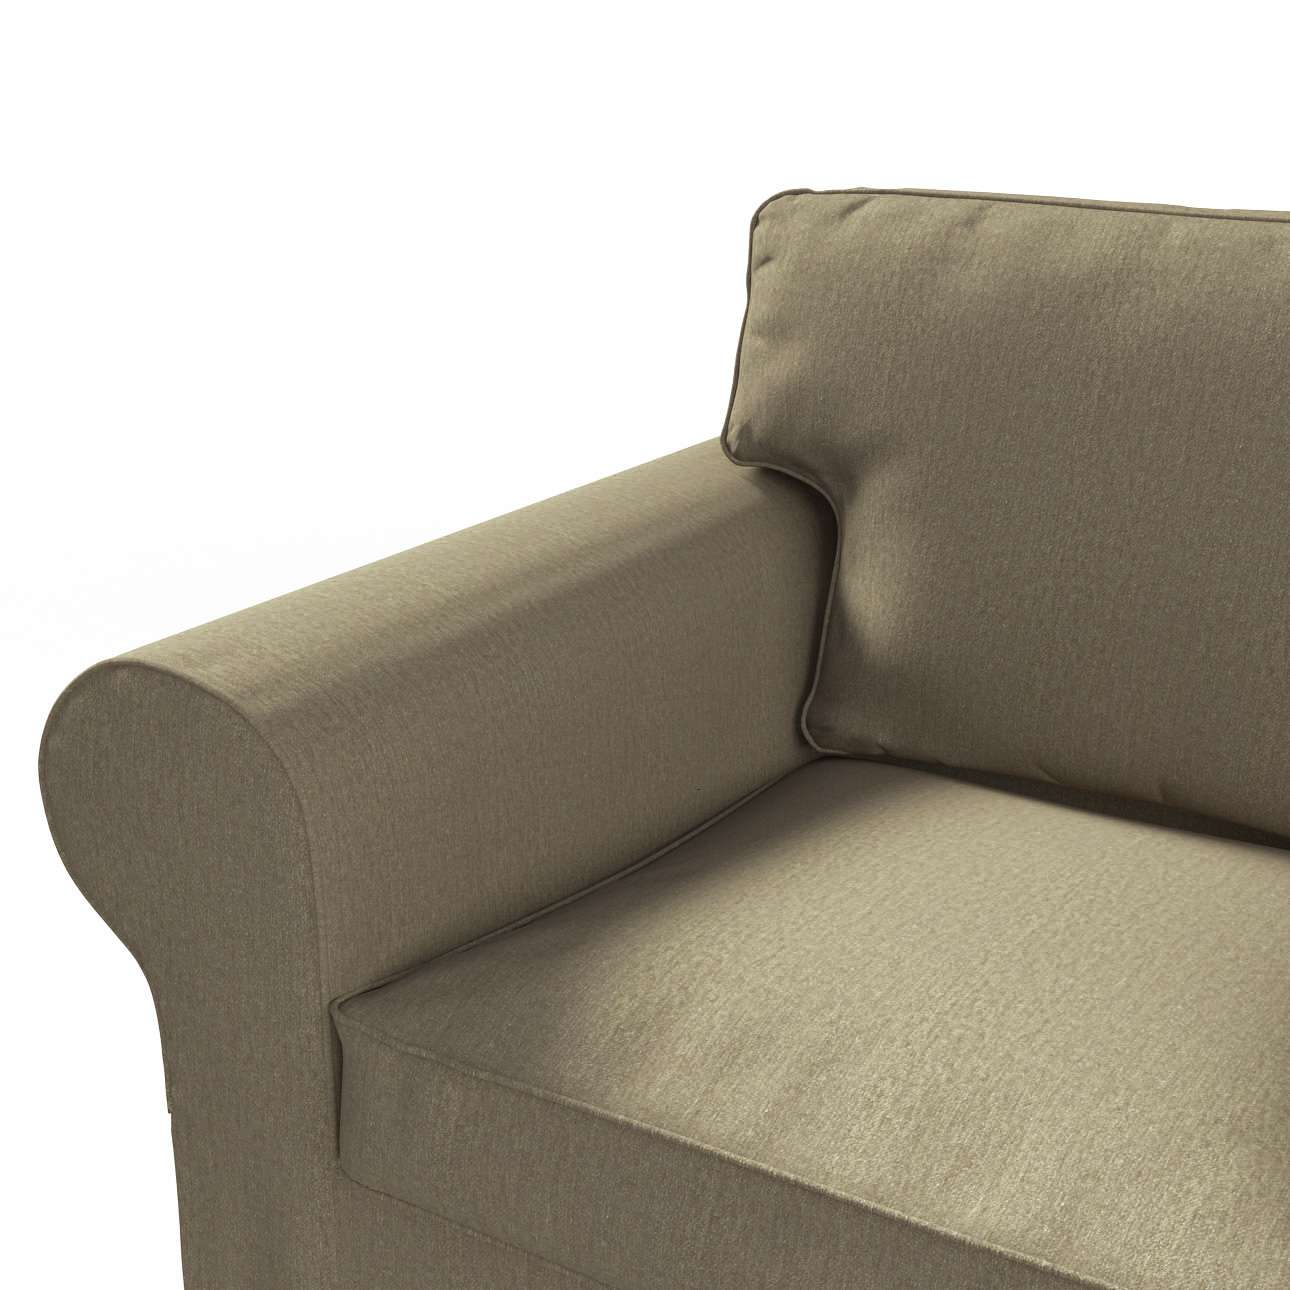 Pokrowiec na sofę Ektorp 2-osobową rozkładana NOWY MODEL 2012 w kolekcji Chenille, tkanina: 702-21